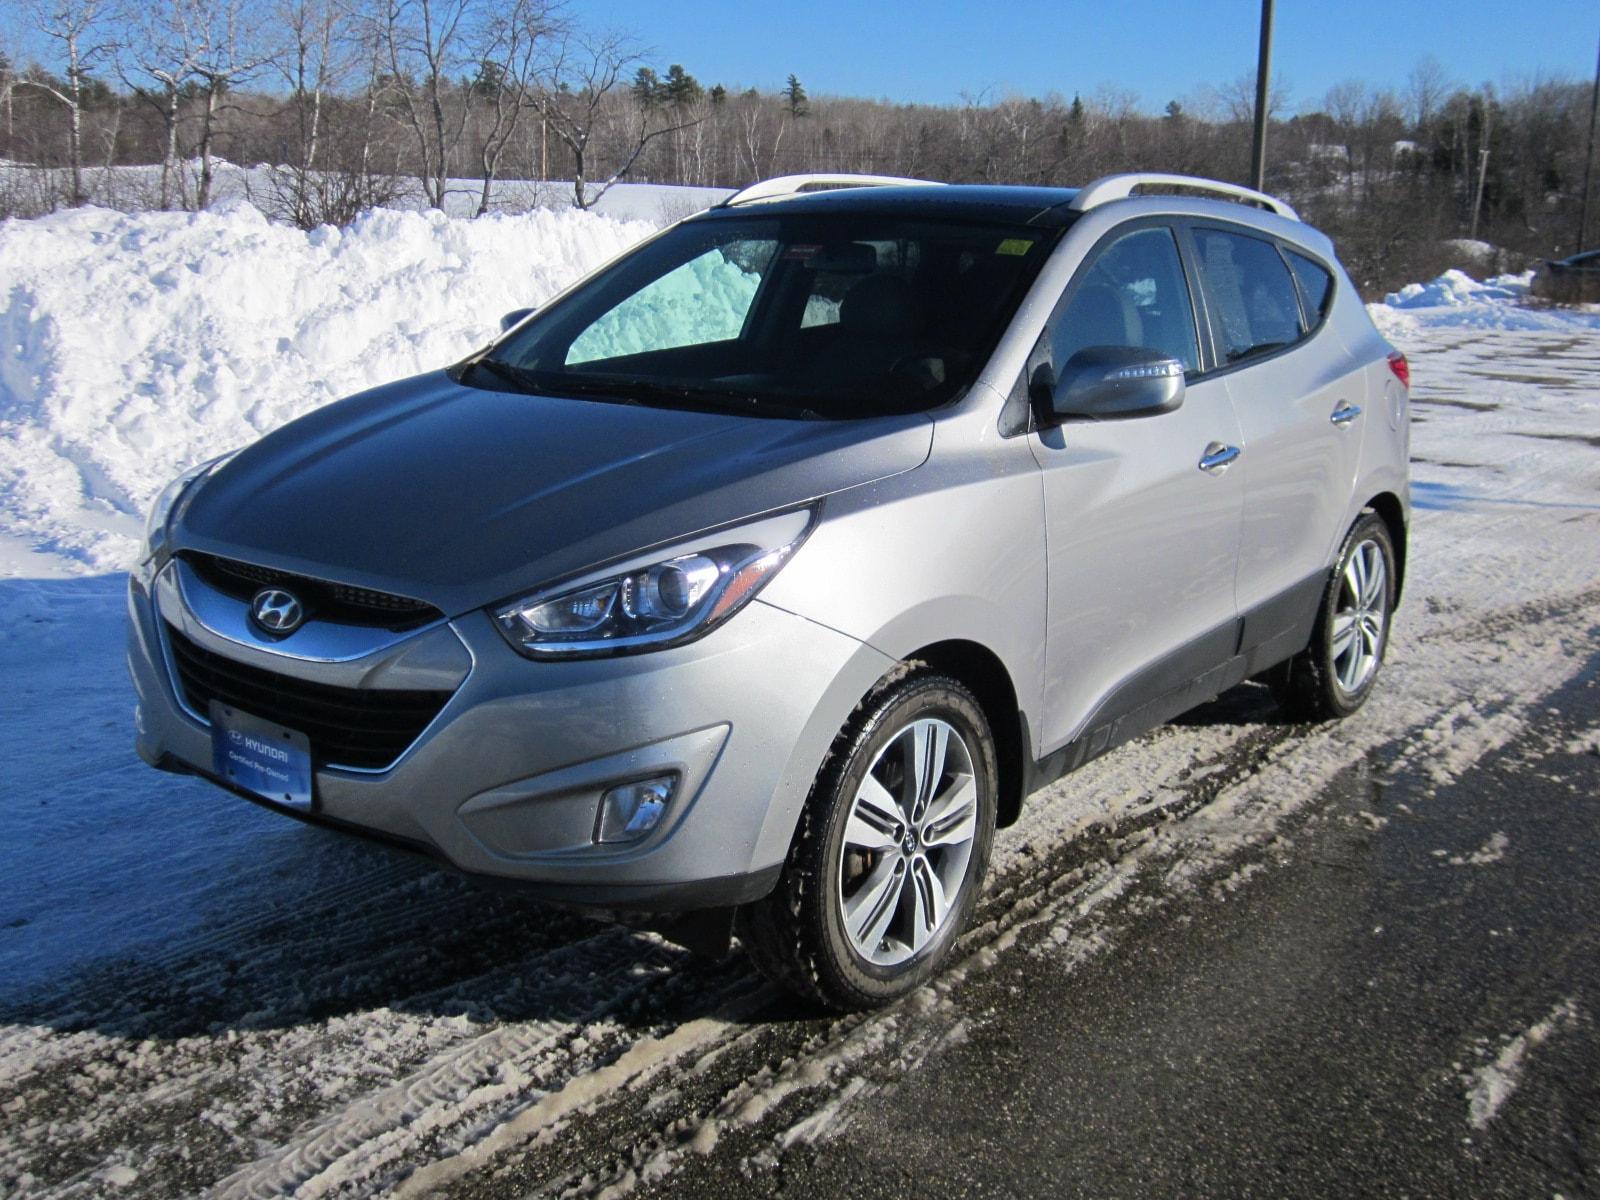 2015 Hyundai Tucson  for sale VIN: KM8JUCAGXFU104319